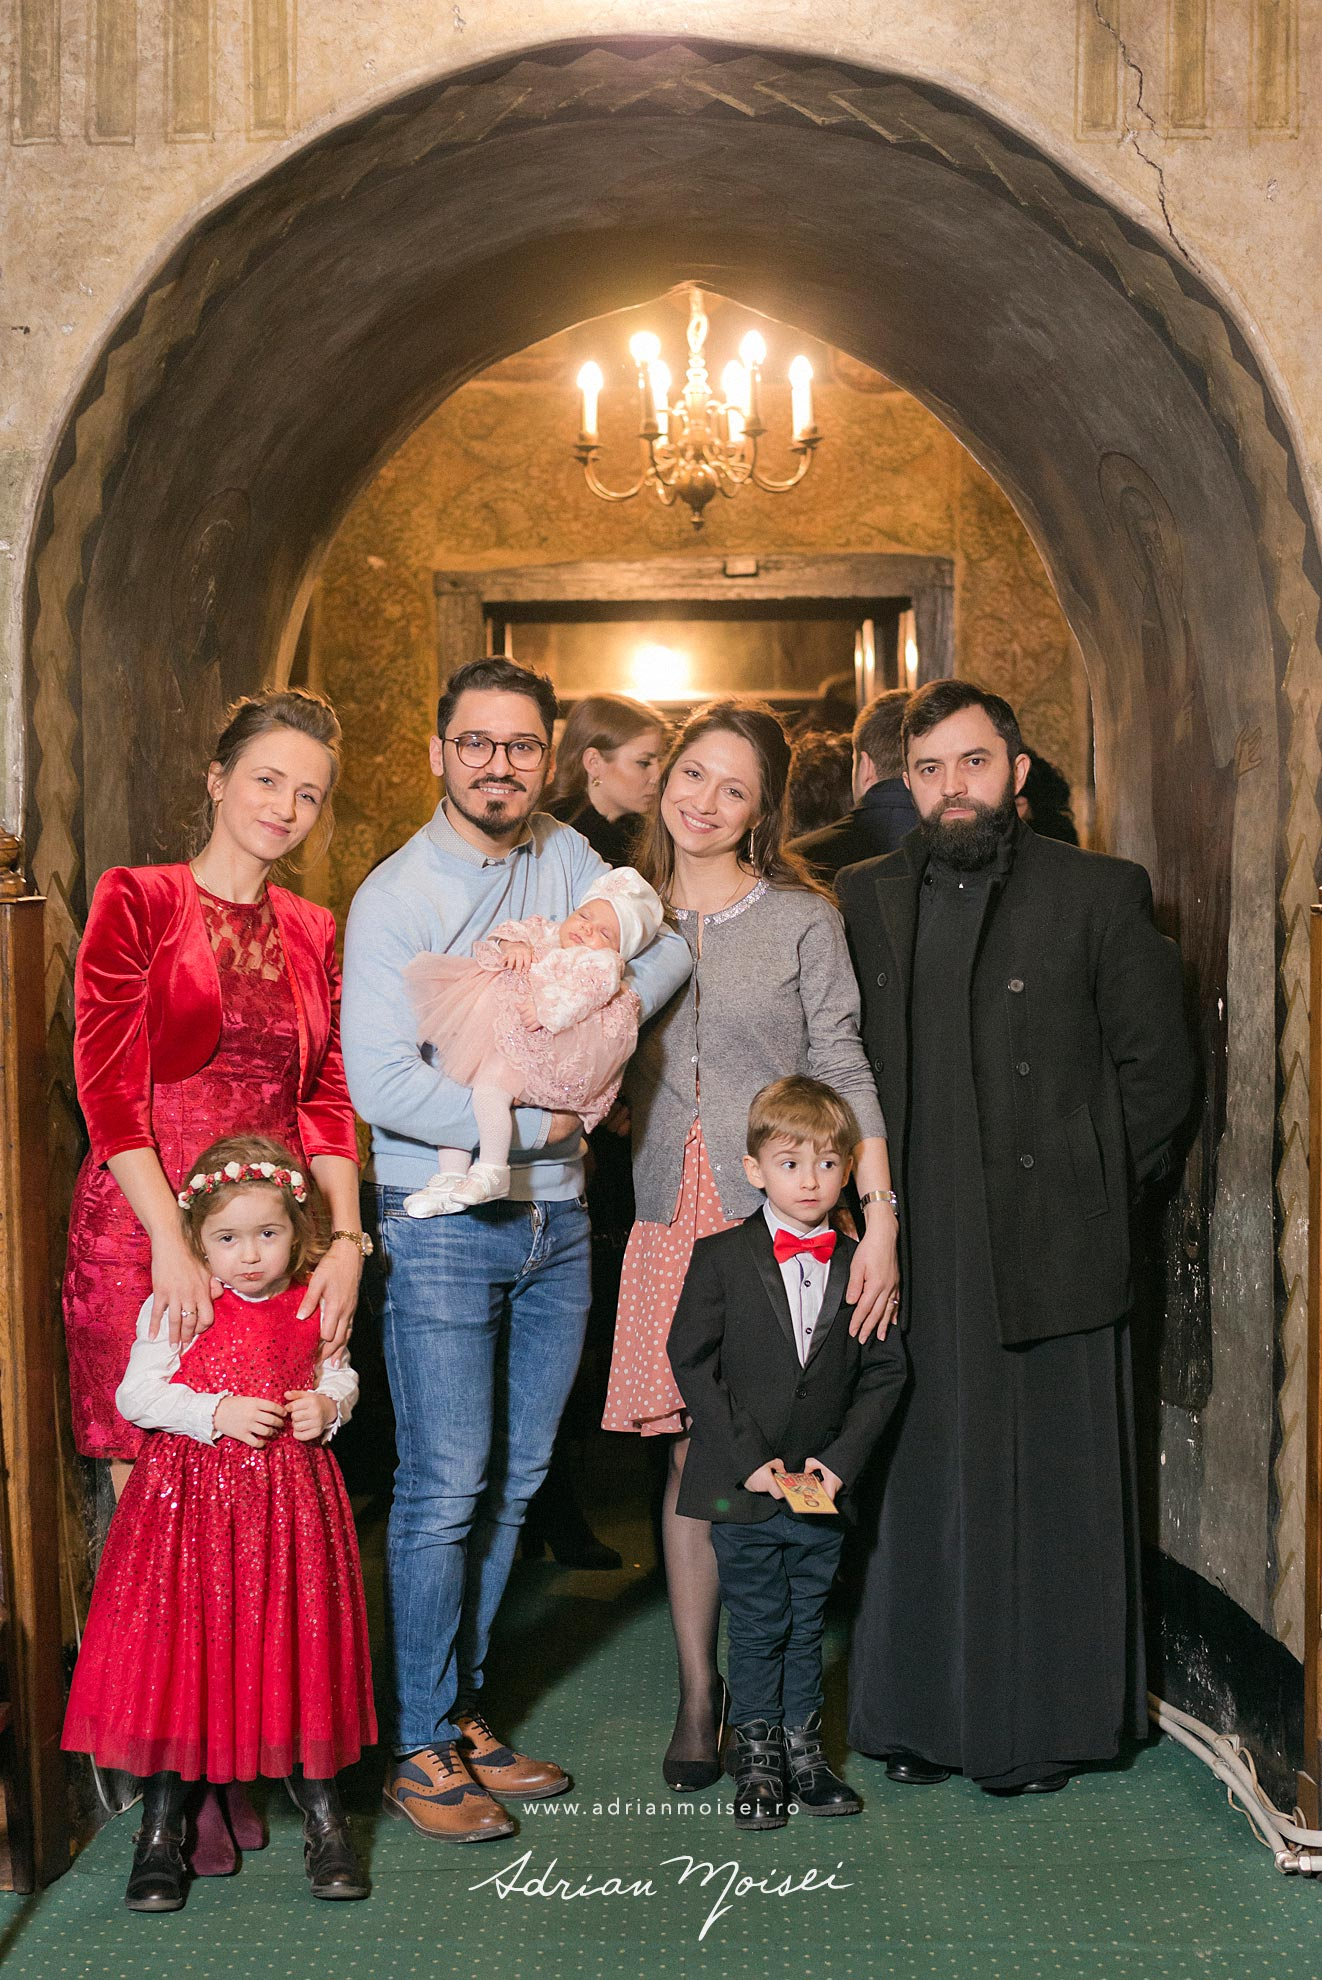 Botez in culorile fericirii, fotograf de botez Iasi, Adrian Moisei, fotografie de familie